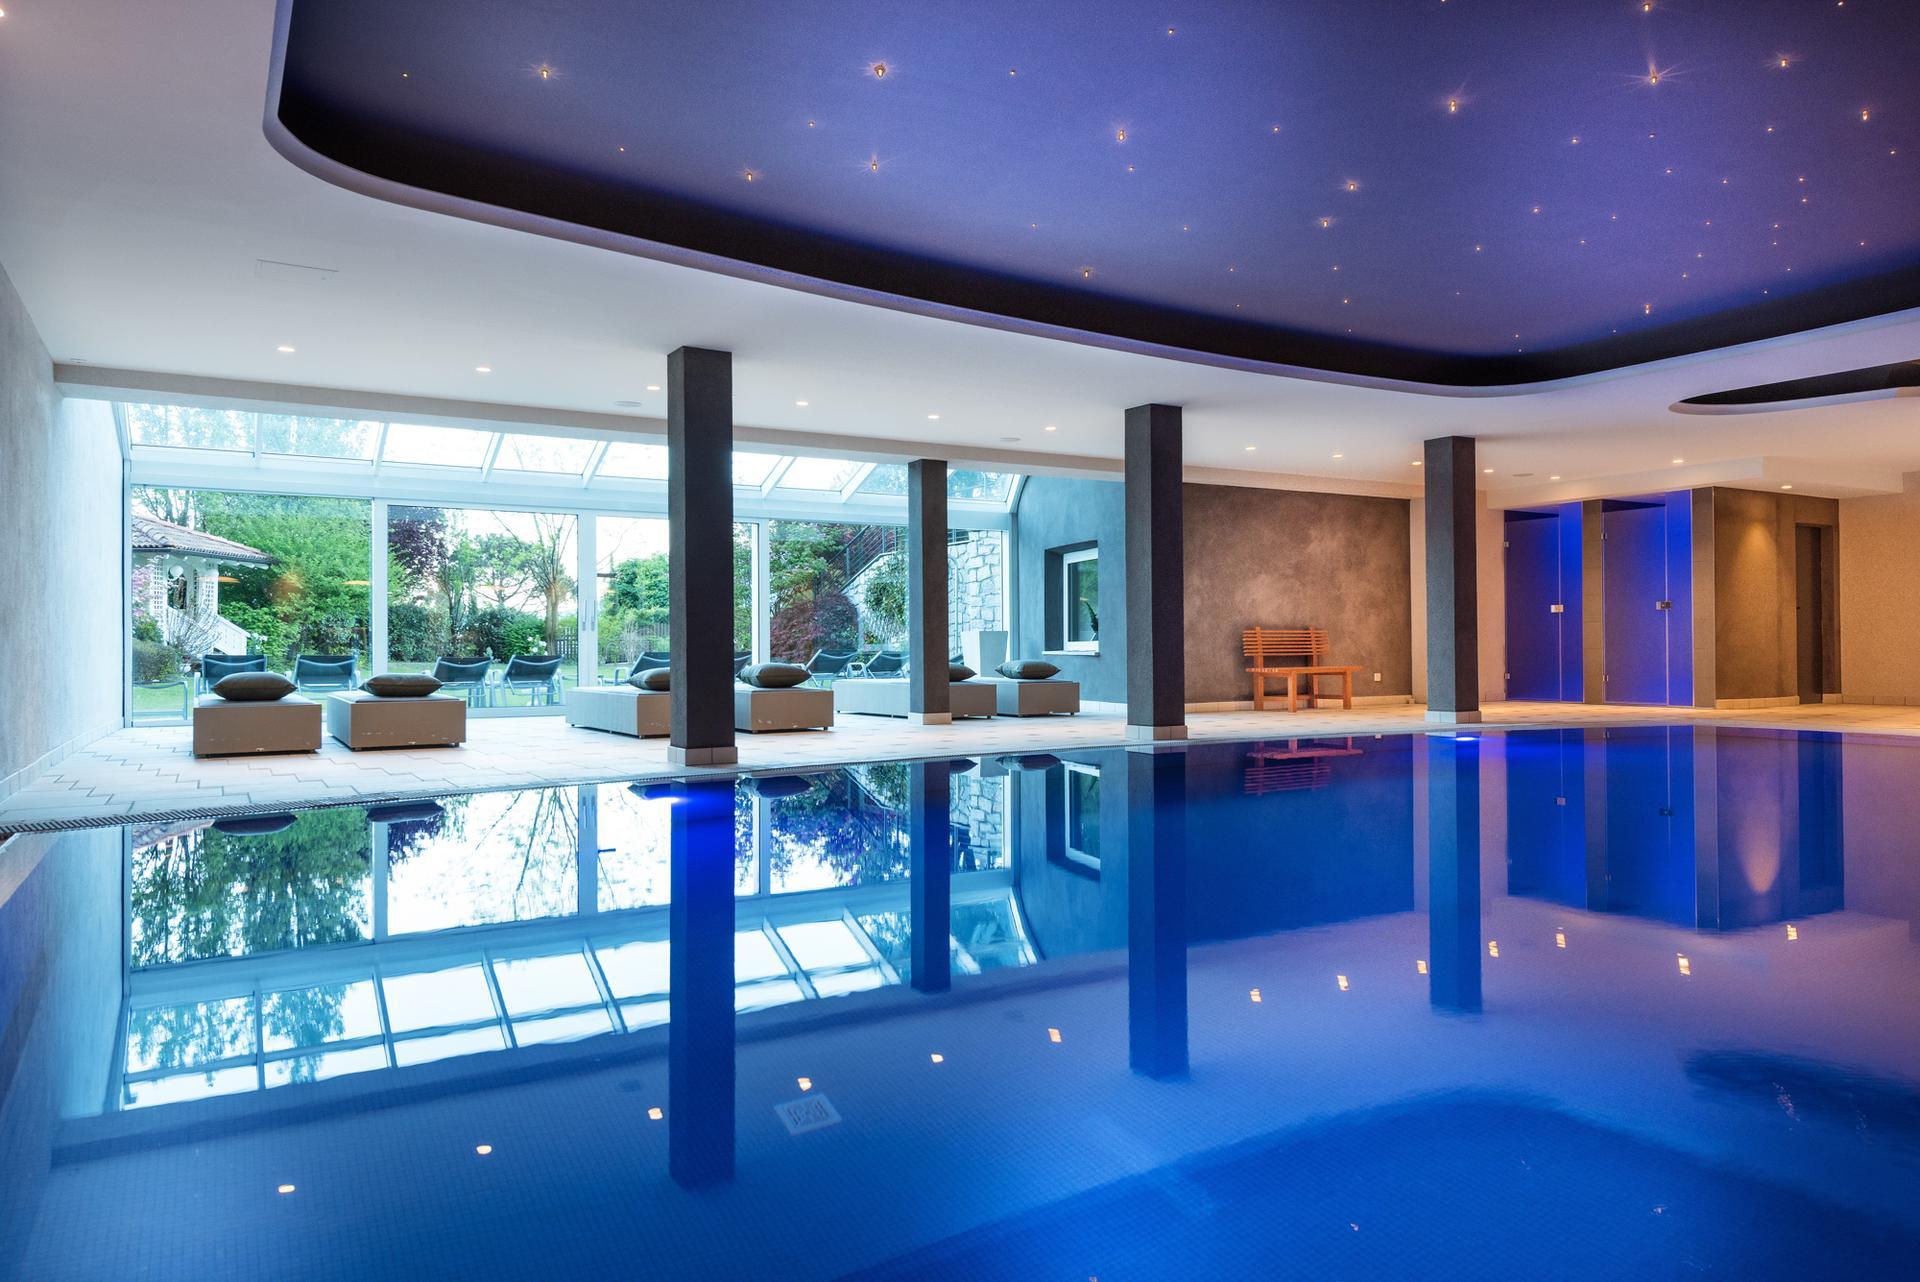 Hotel mit schwimmbad 4 sterne hotel fayn algund for Design wellnesshotel nrw